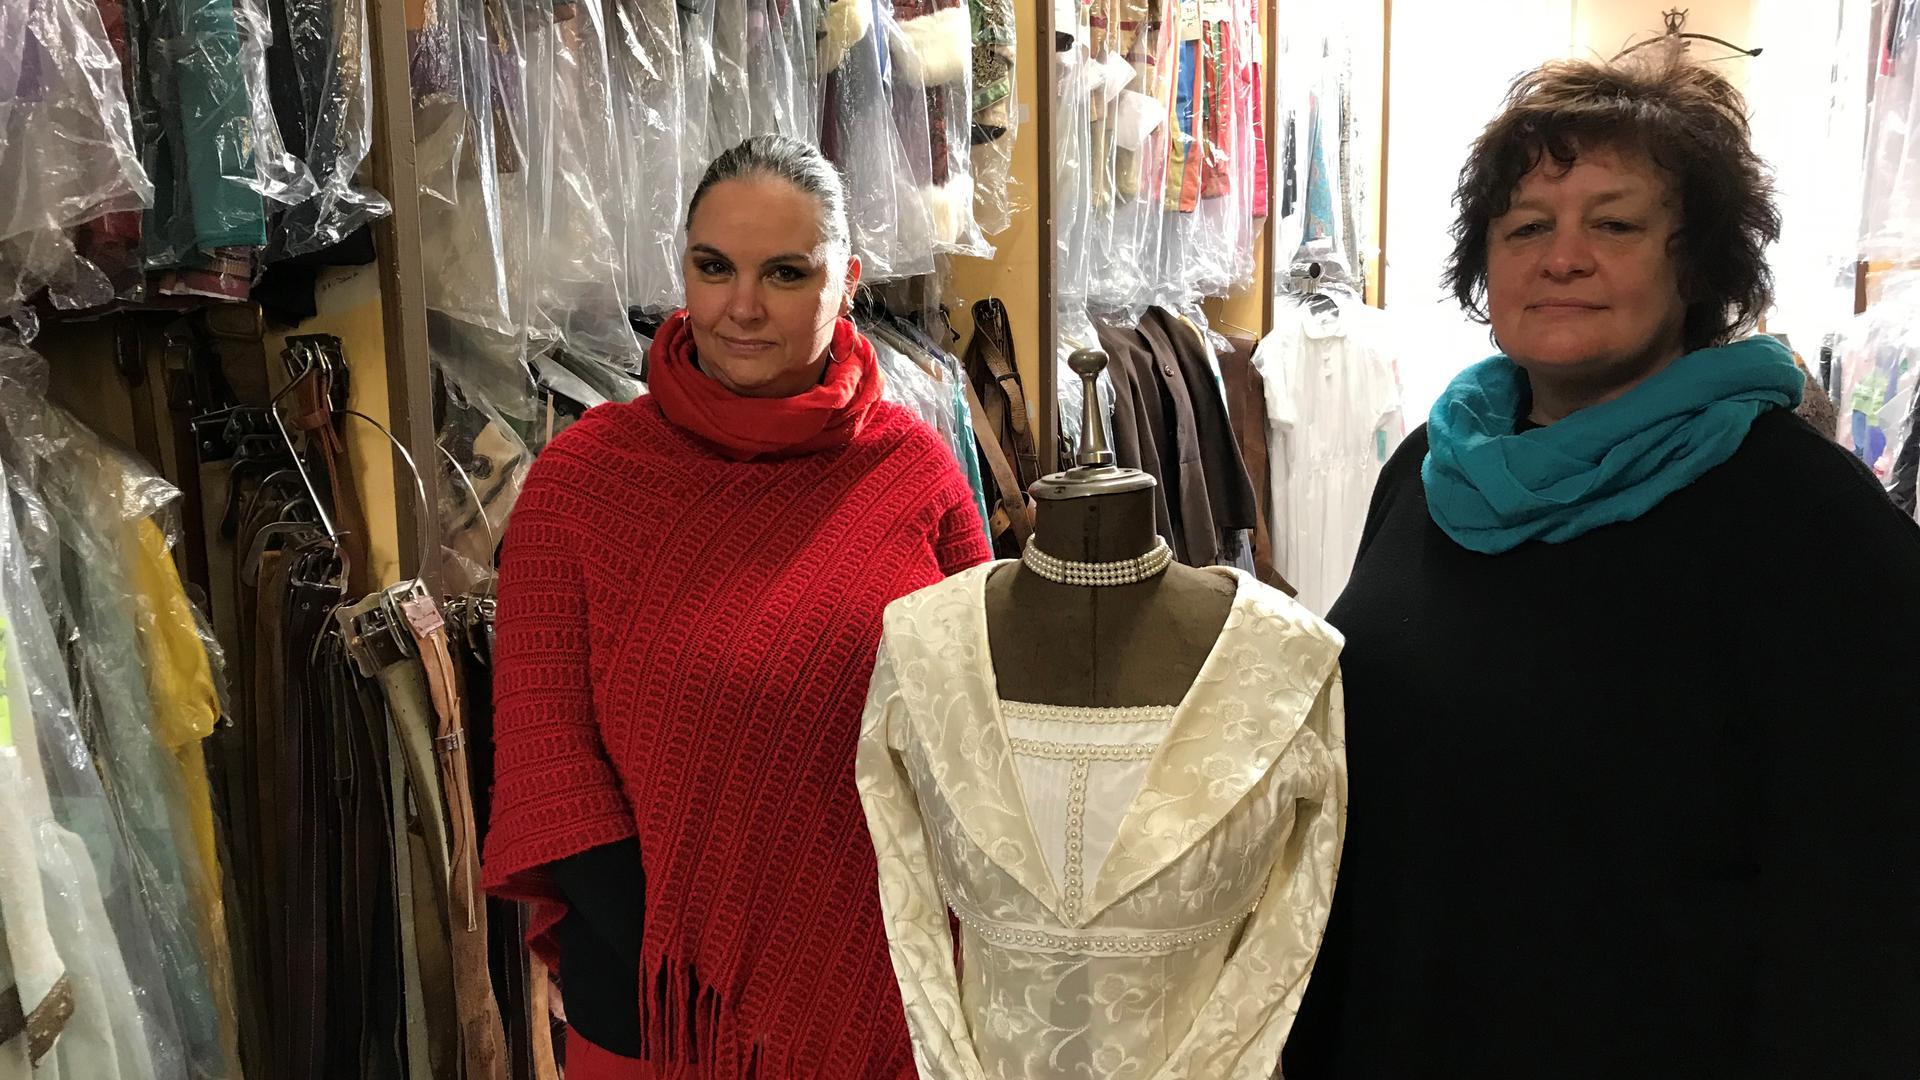 """Katharina Issel (l) und Andrea Reule im Kostümverleih """"Insignia Regis"""" in Dettenheim. In der Mitte ein weißes Kleid."""